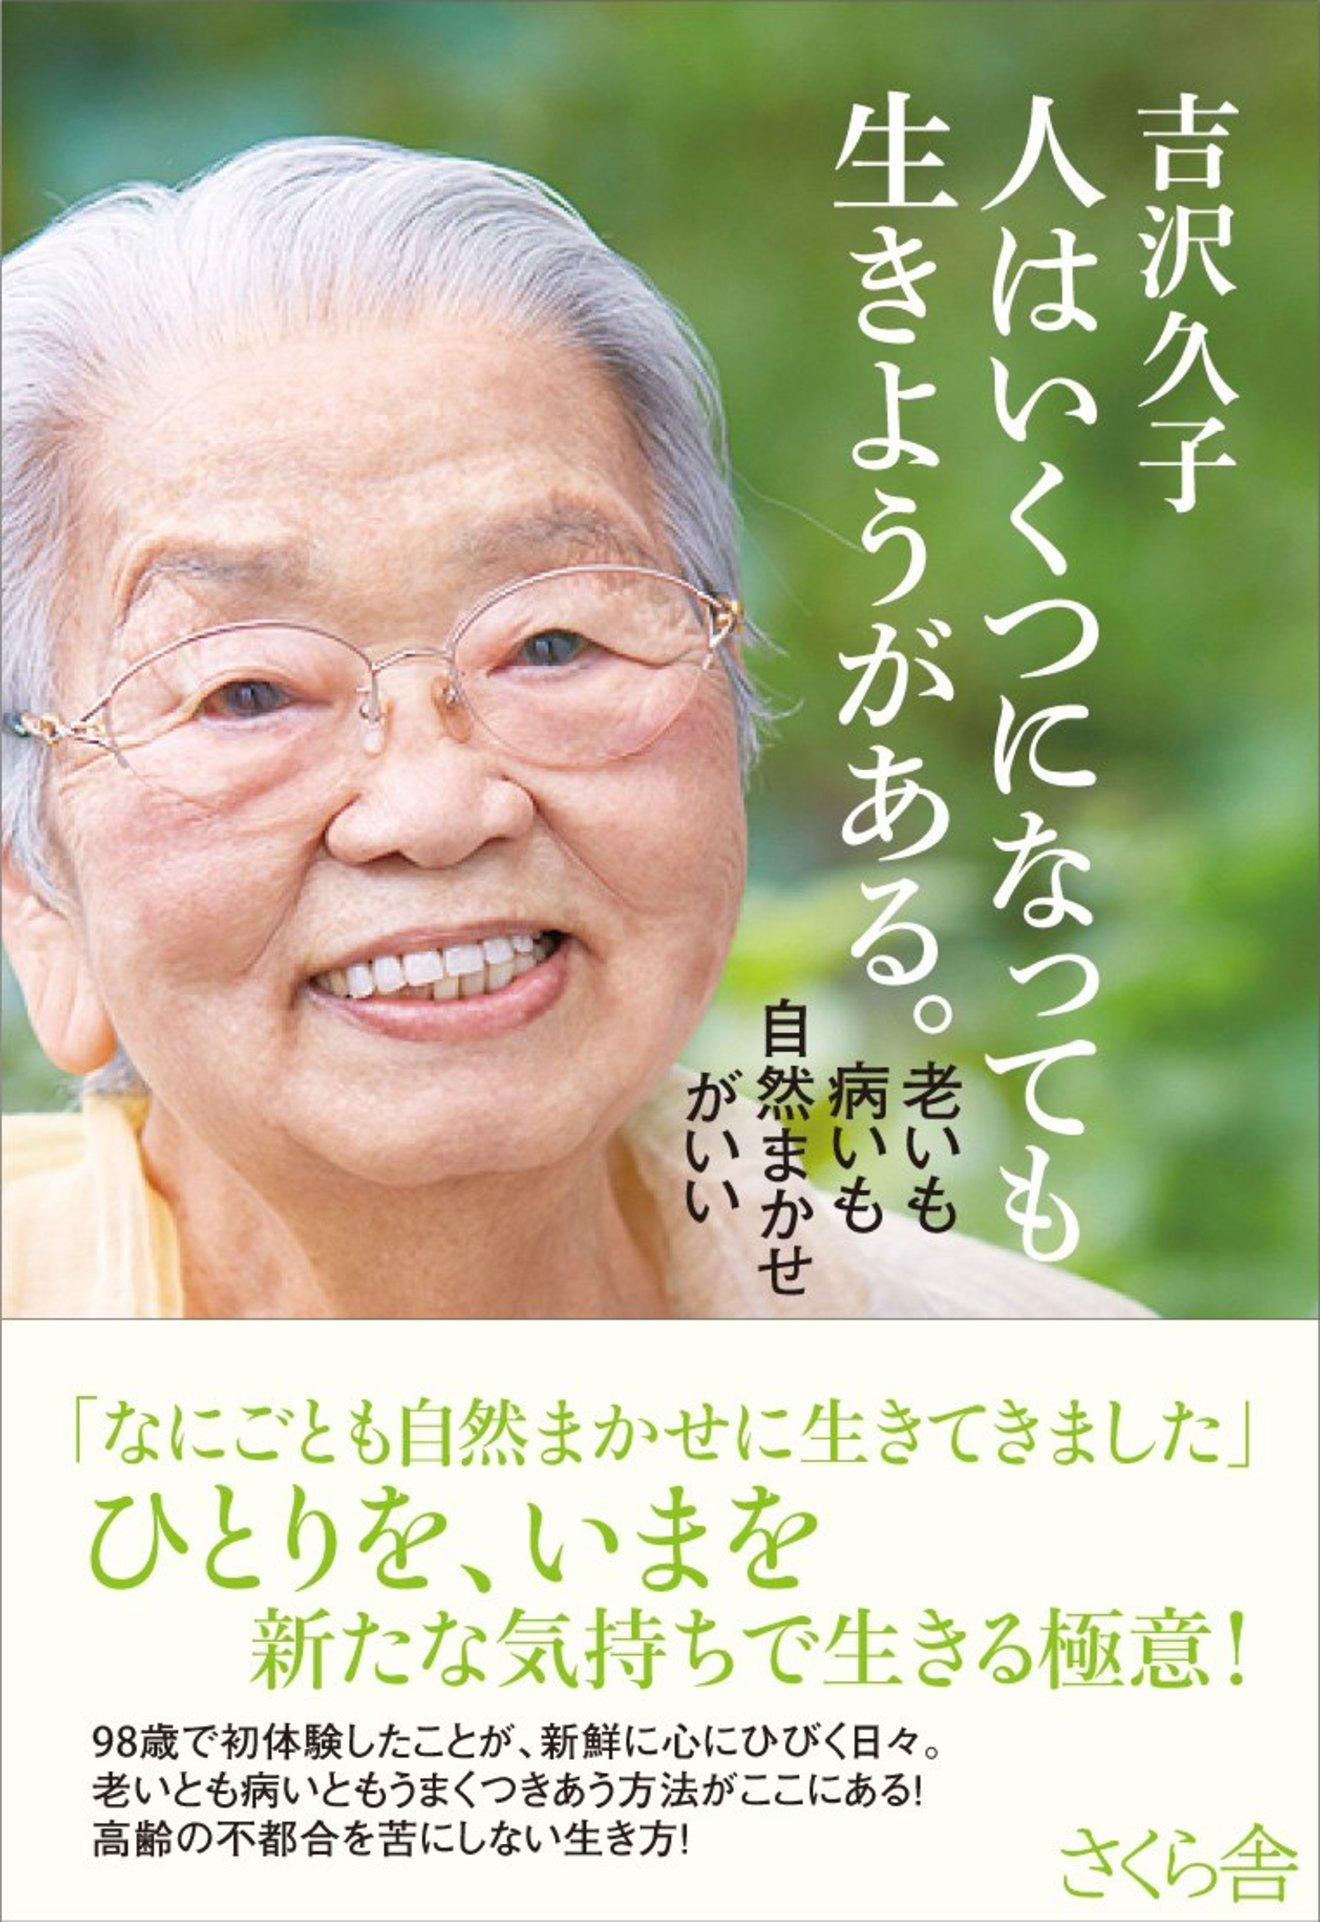 吉沢久子のおすすめ本5選!前向きに日々を生きる著者から元気をもらう